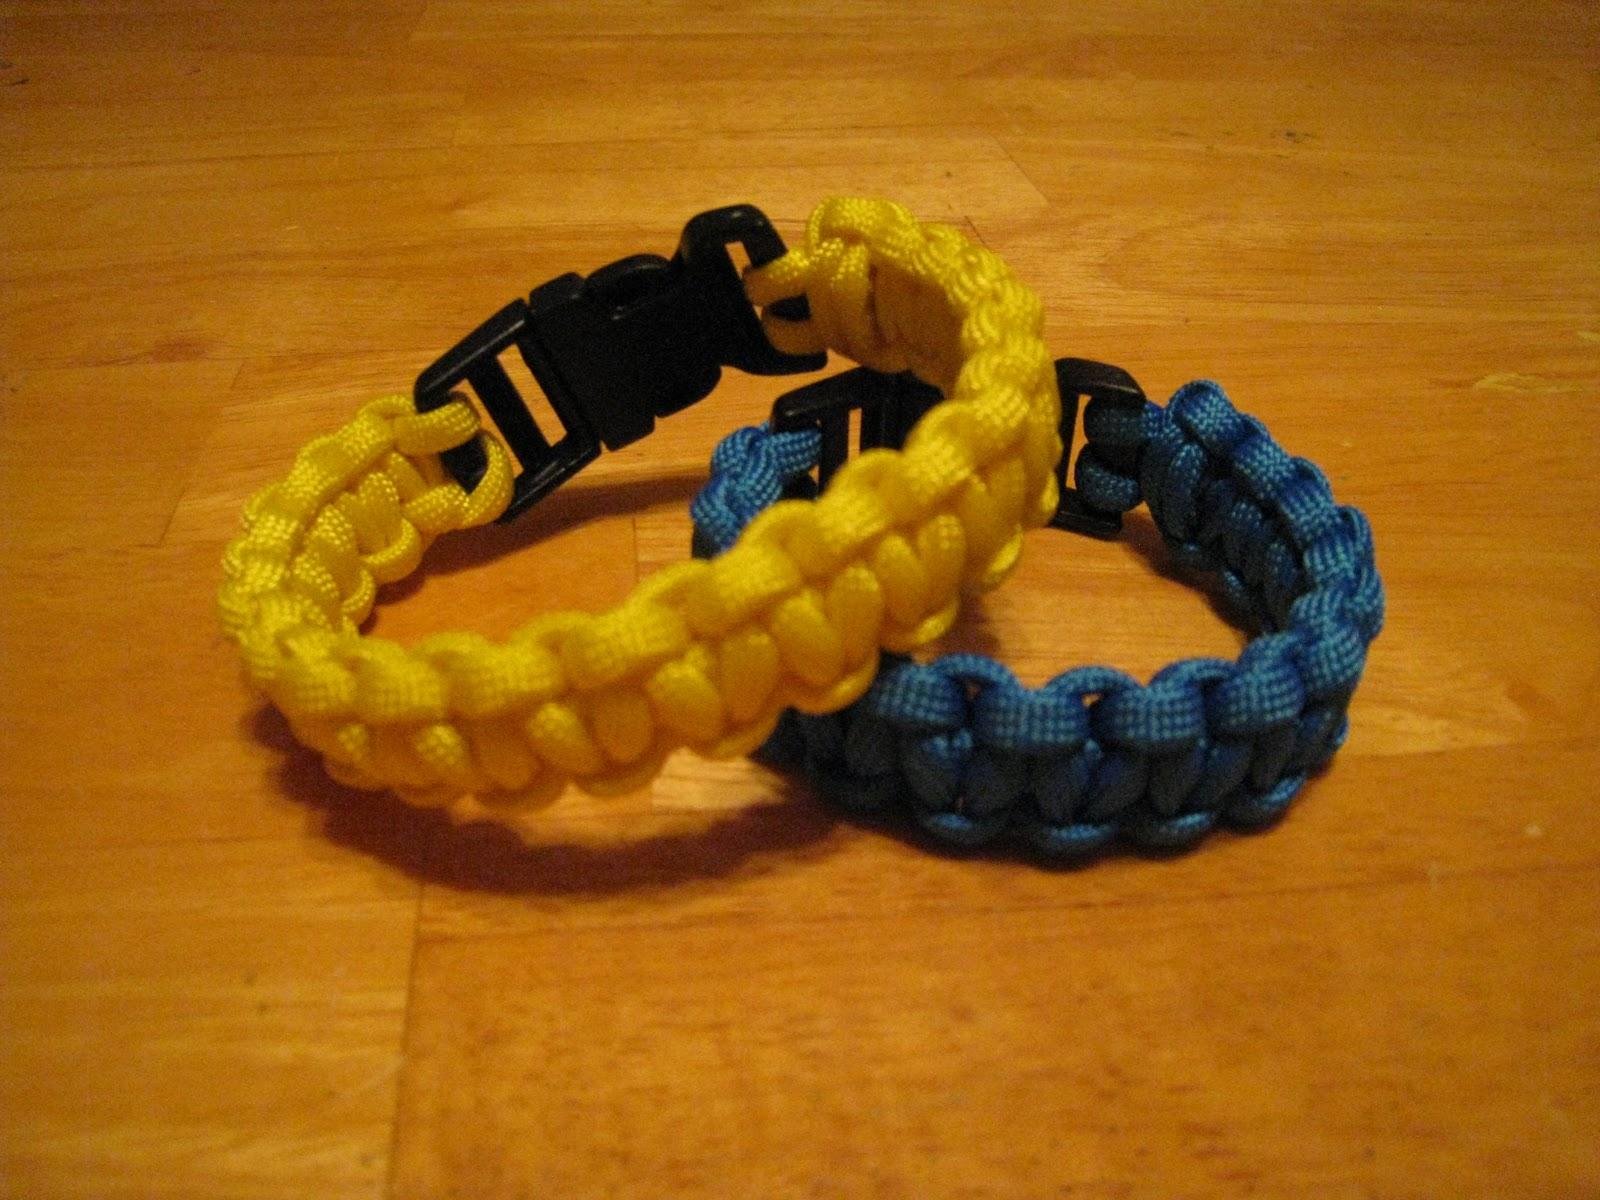 Crafts 4 Camp Paracord Survival Bracelet